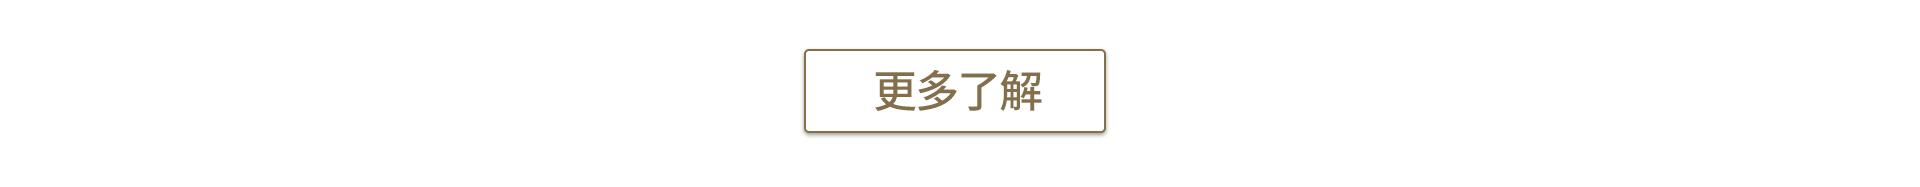 全国布局别墅装饰企业 - 上海尚层装饰